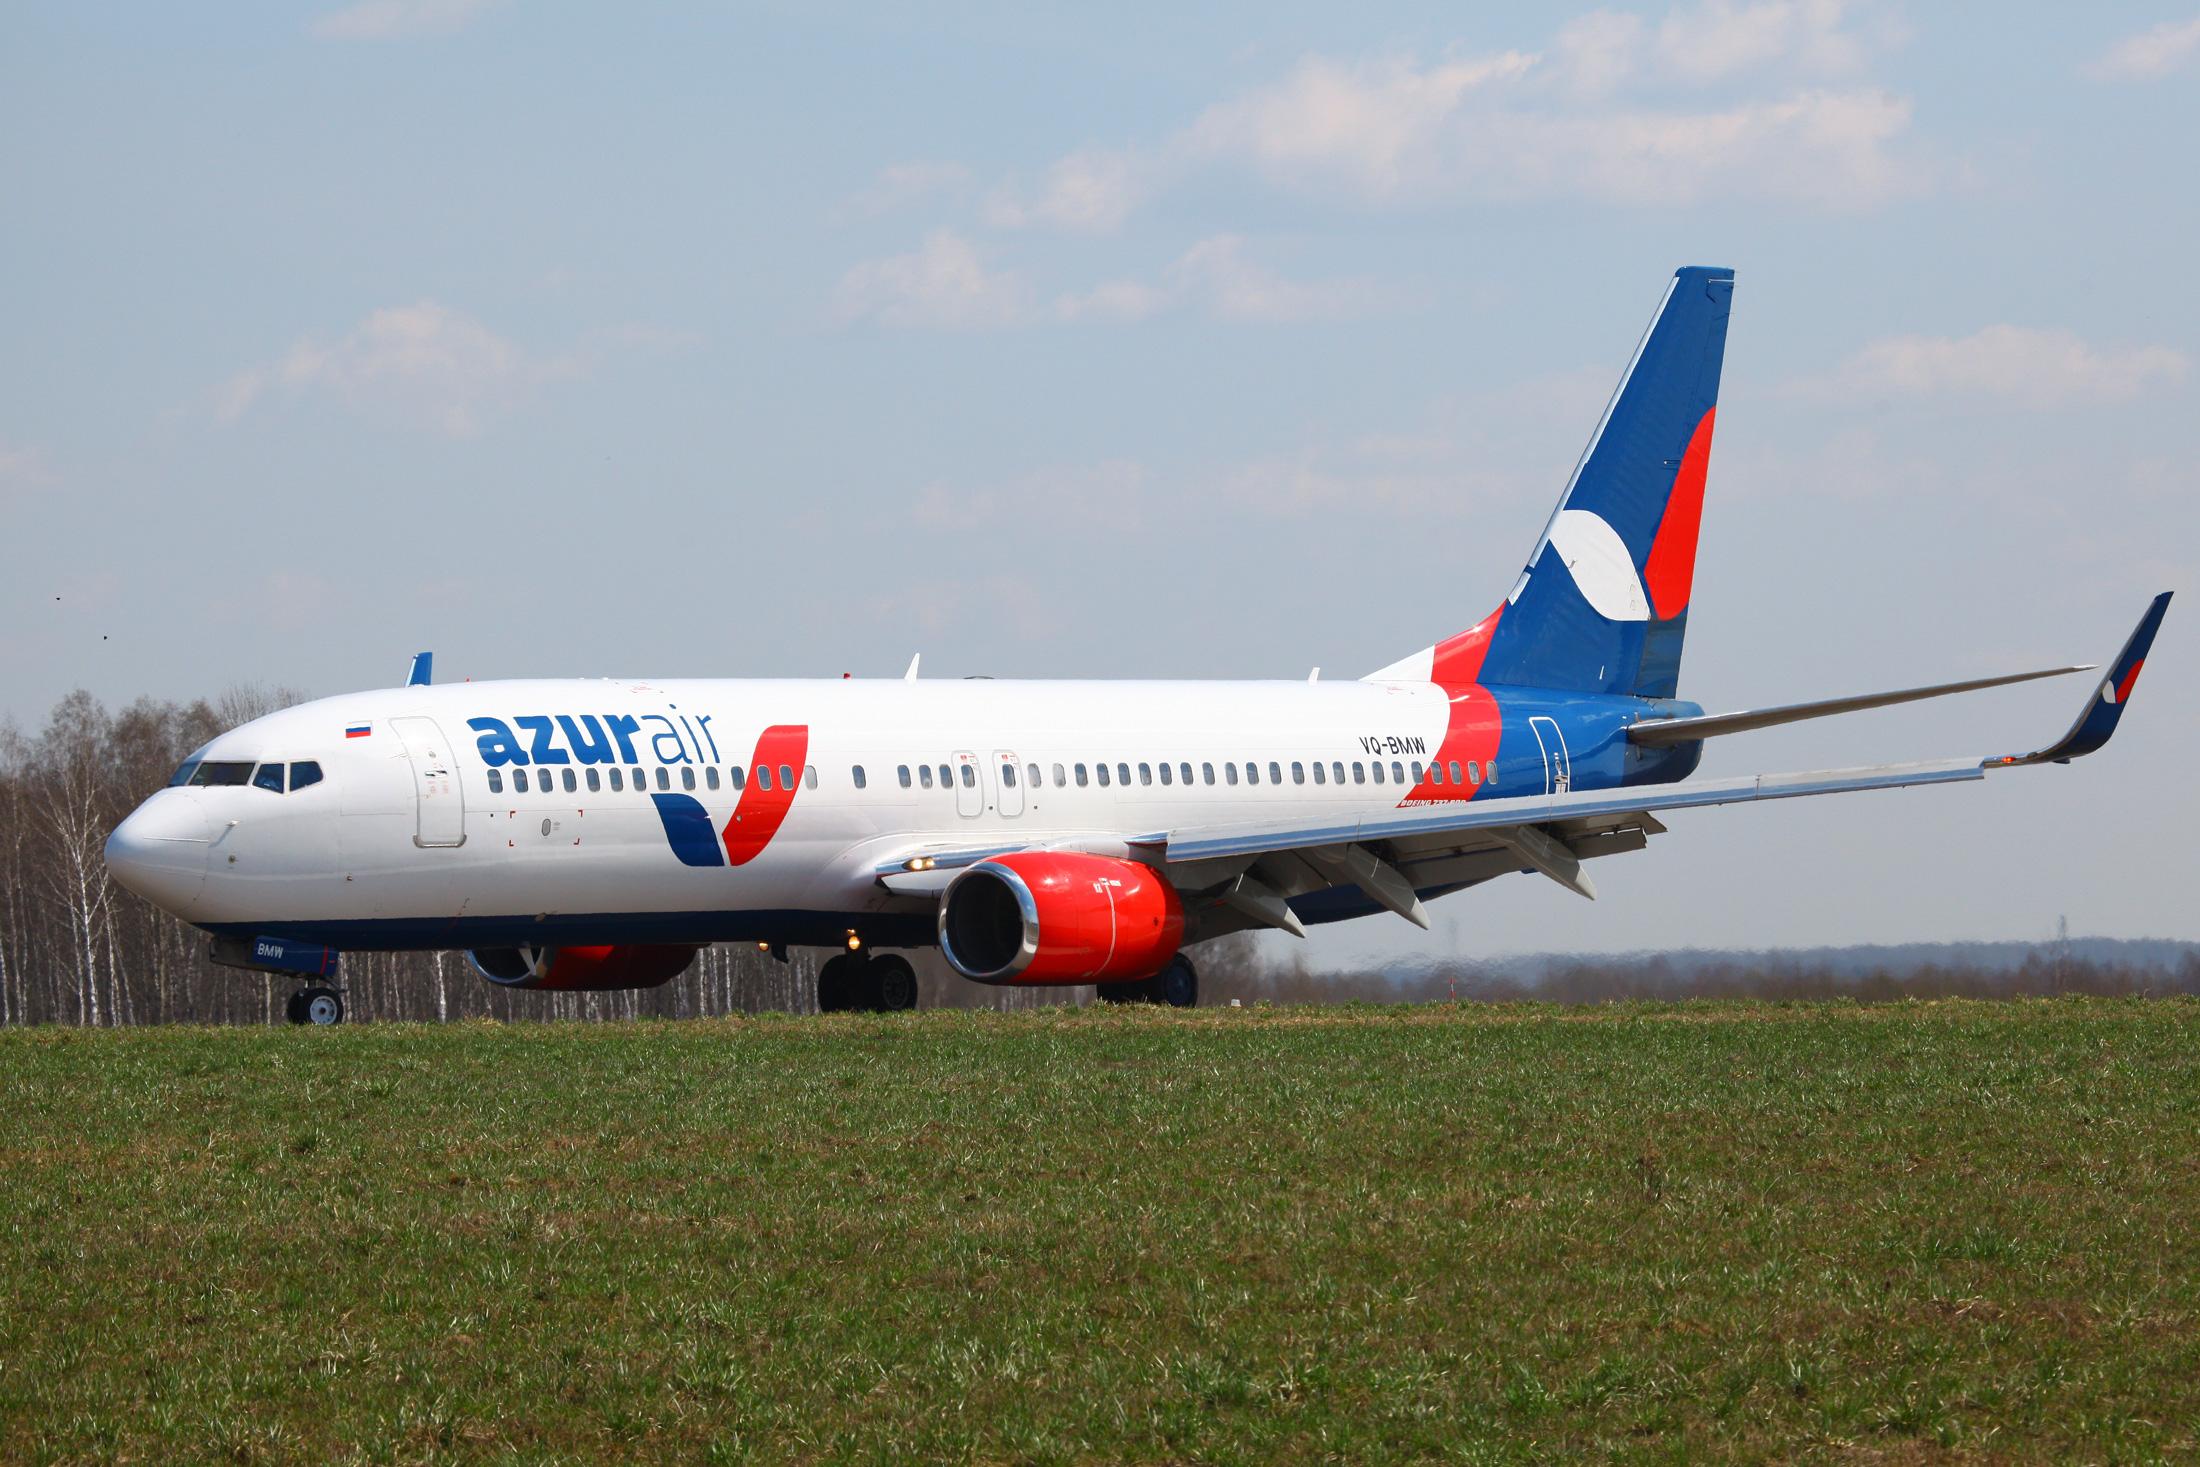 AZUR air выполнила первый вистории чартерный рейс изУльяновска